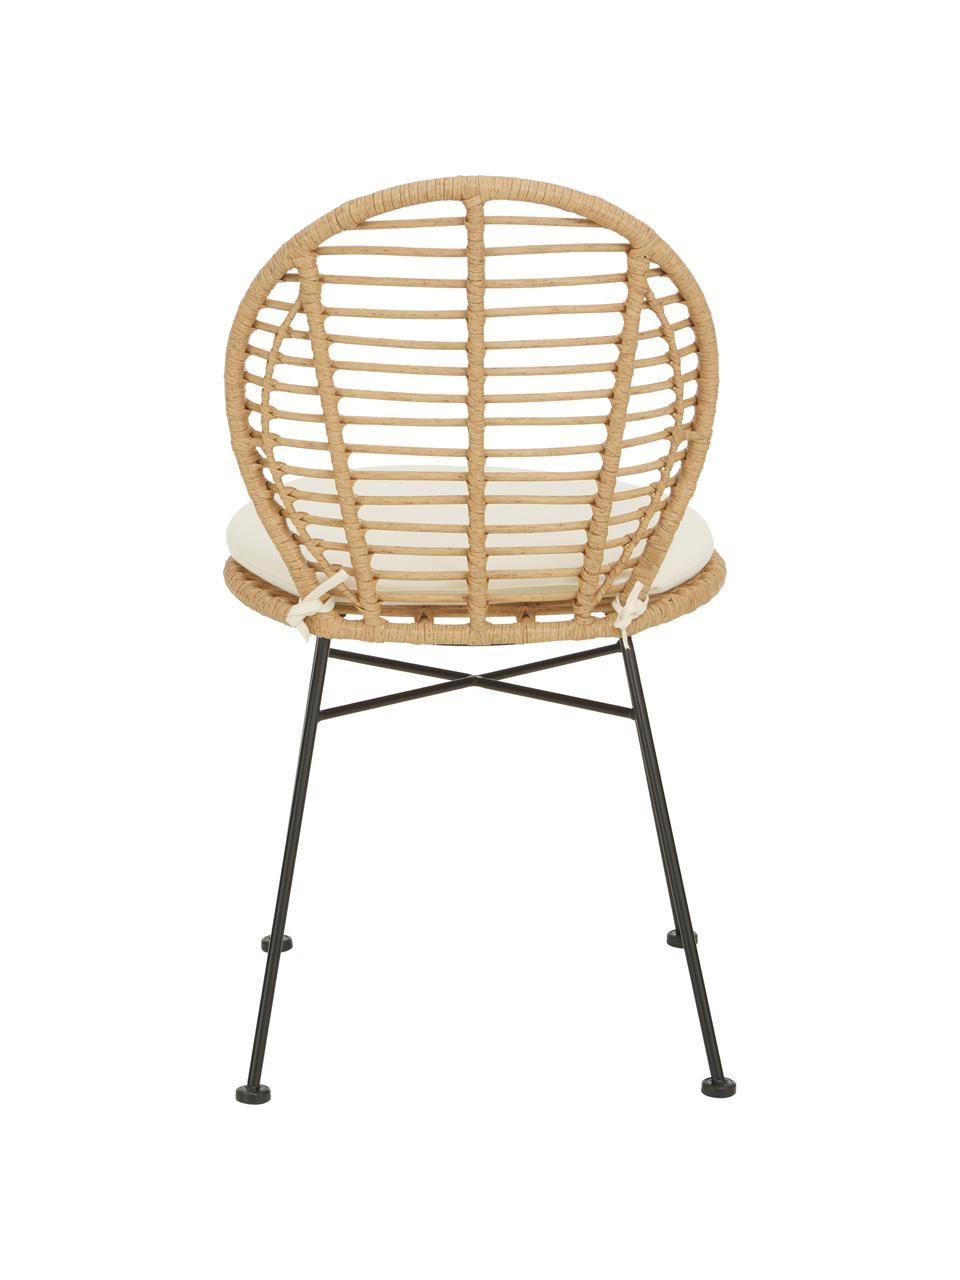 Polyrotan stoelen Cordula stoelkussen, 2 stuks, Zitvlak: polyethyleen vlechtwerk, Frame: gepoedercoat metaal, Bruin, 48 x 57 cm